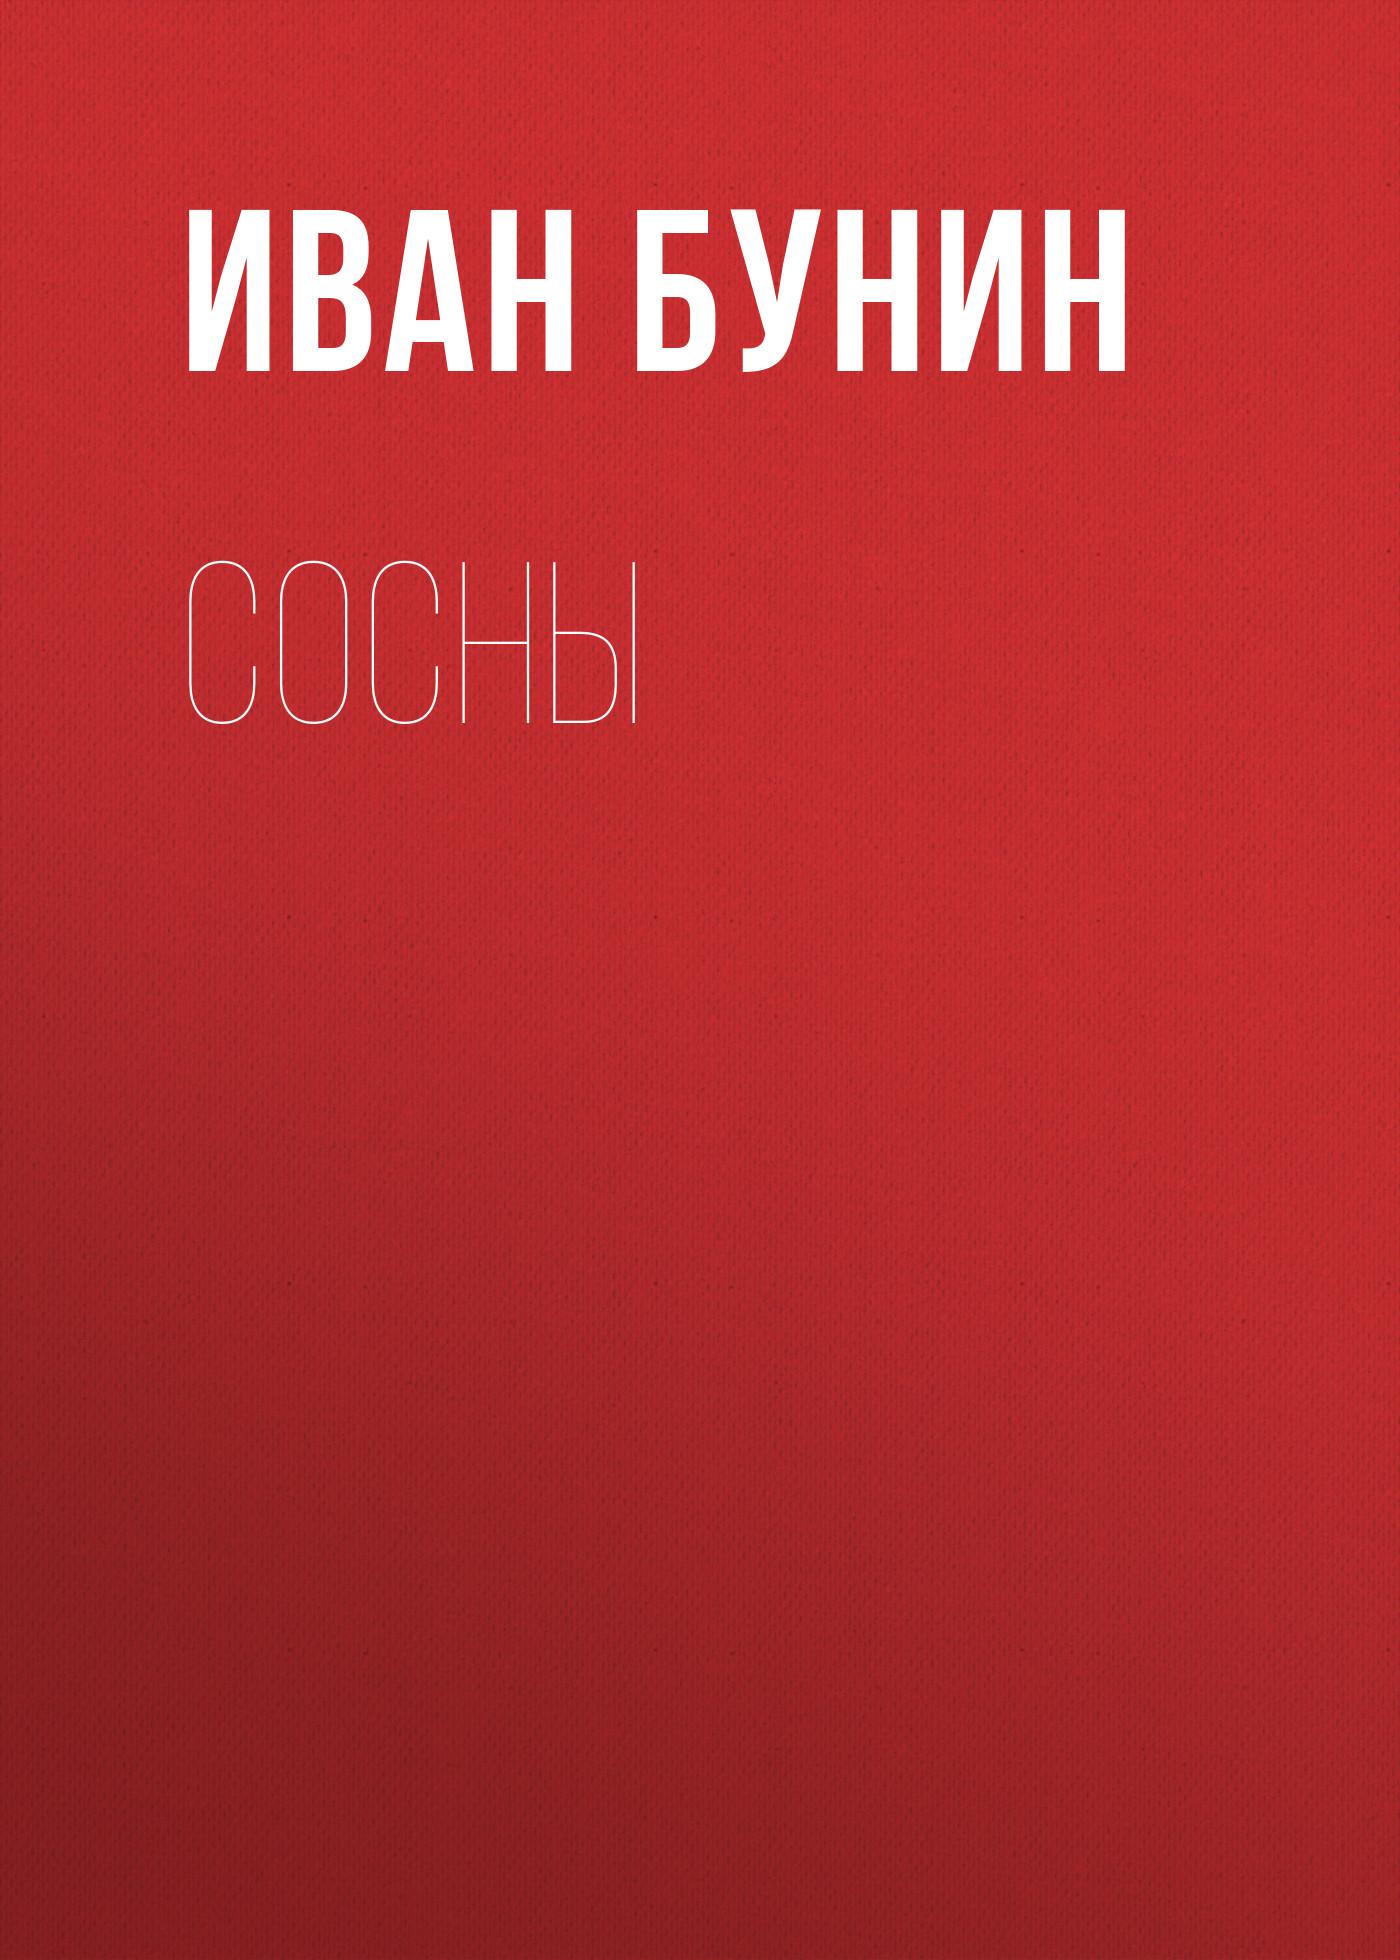 цена на Иван Бунин Сосны